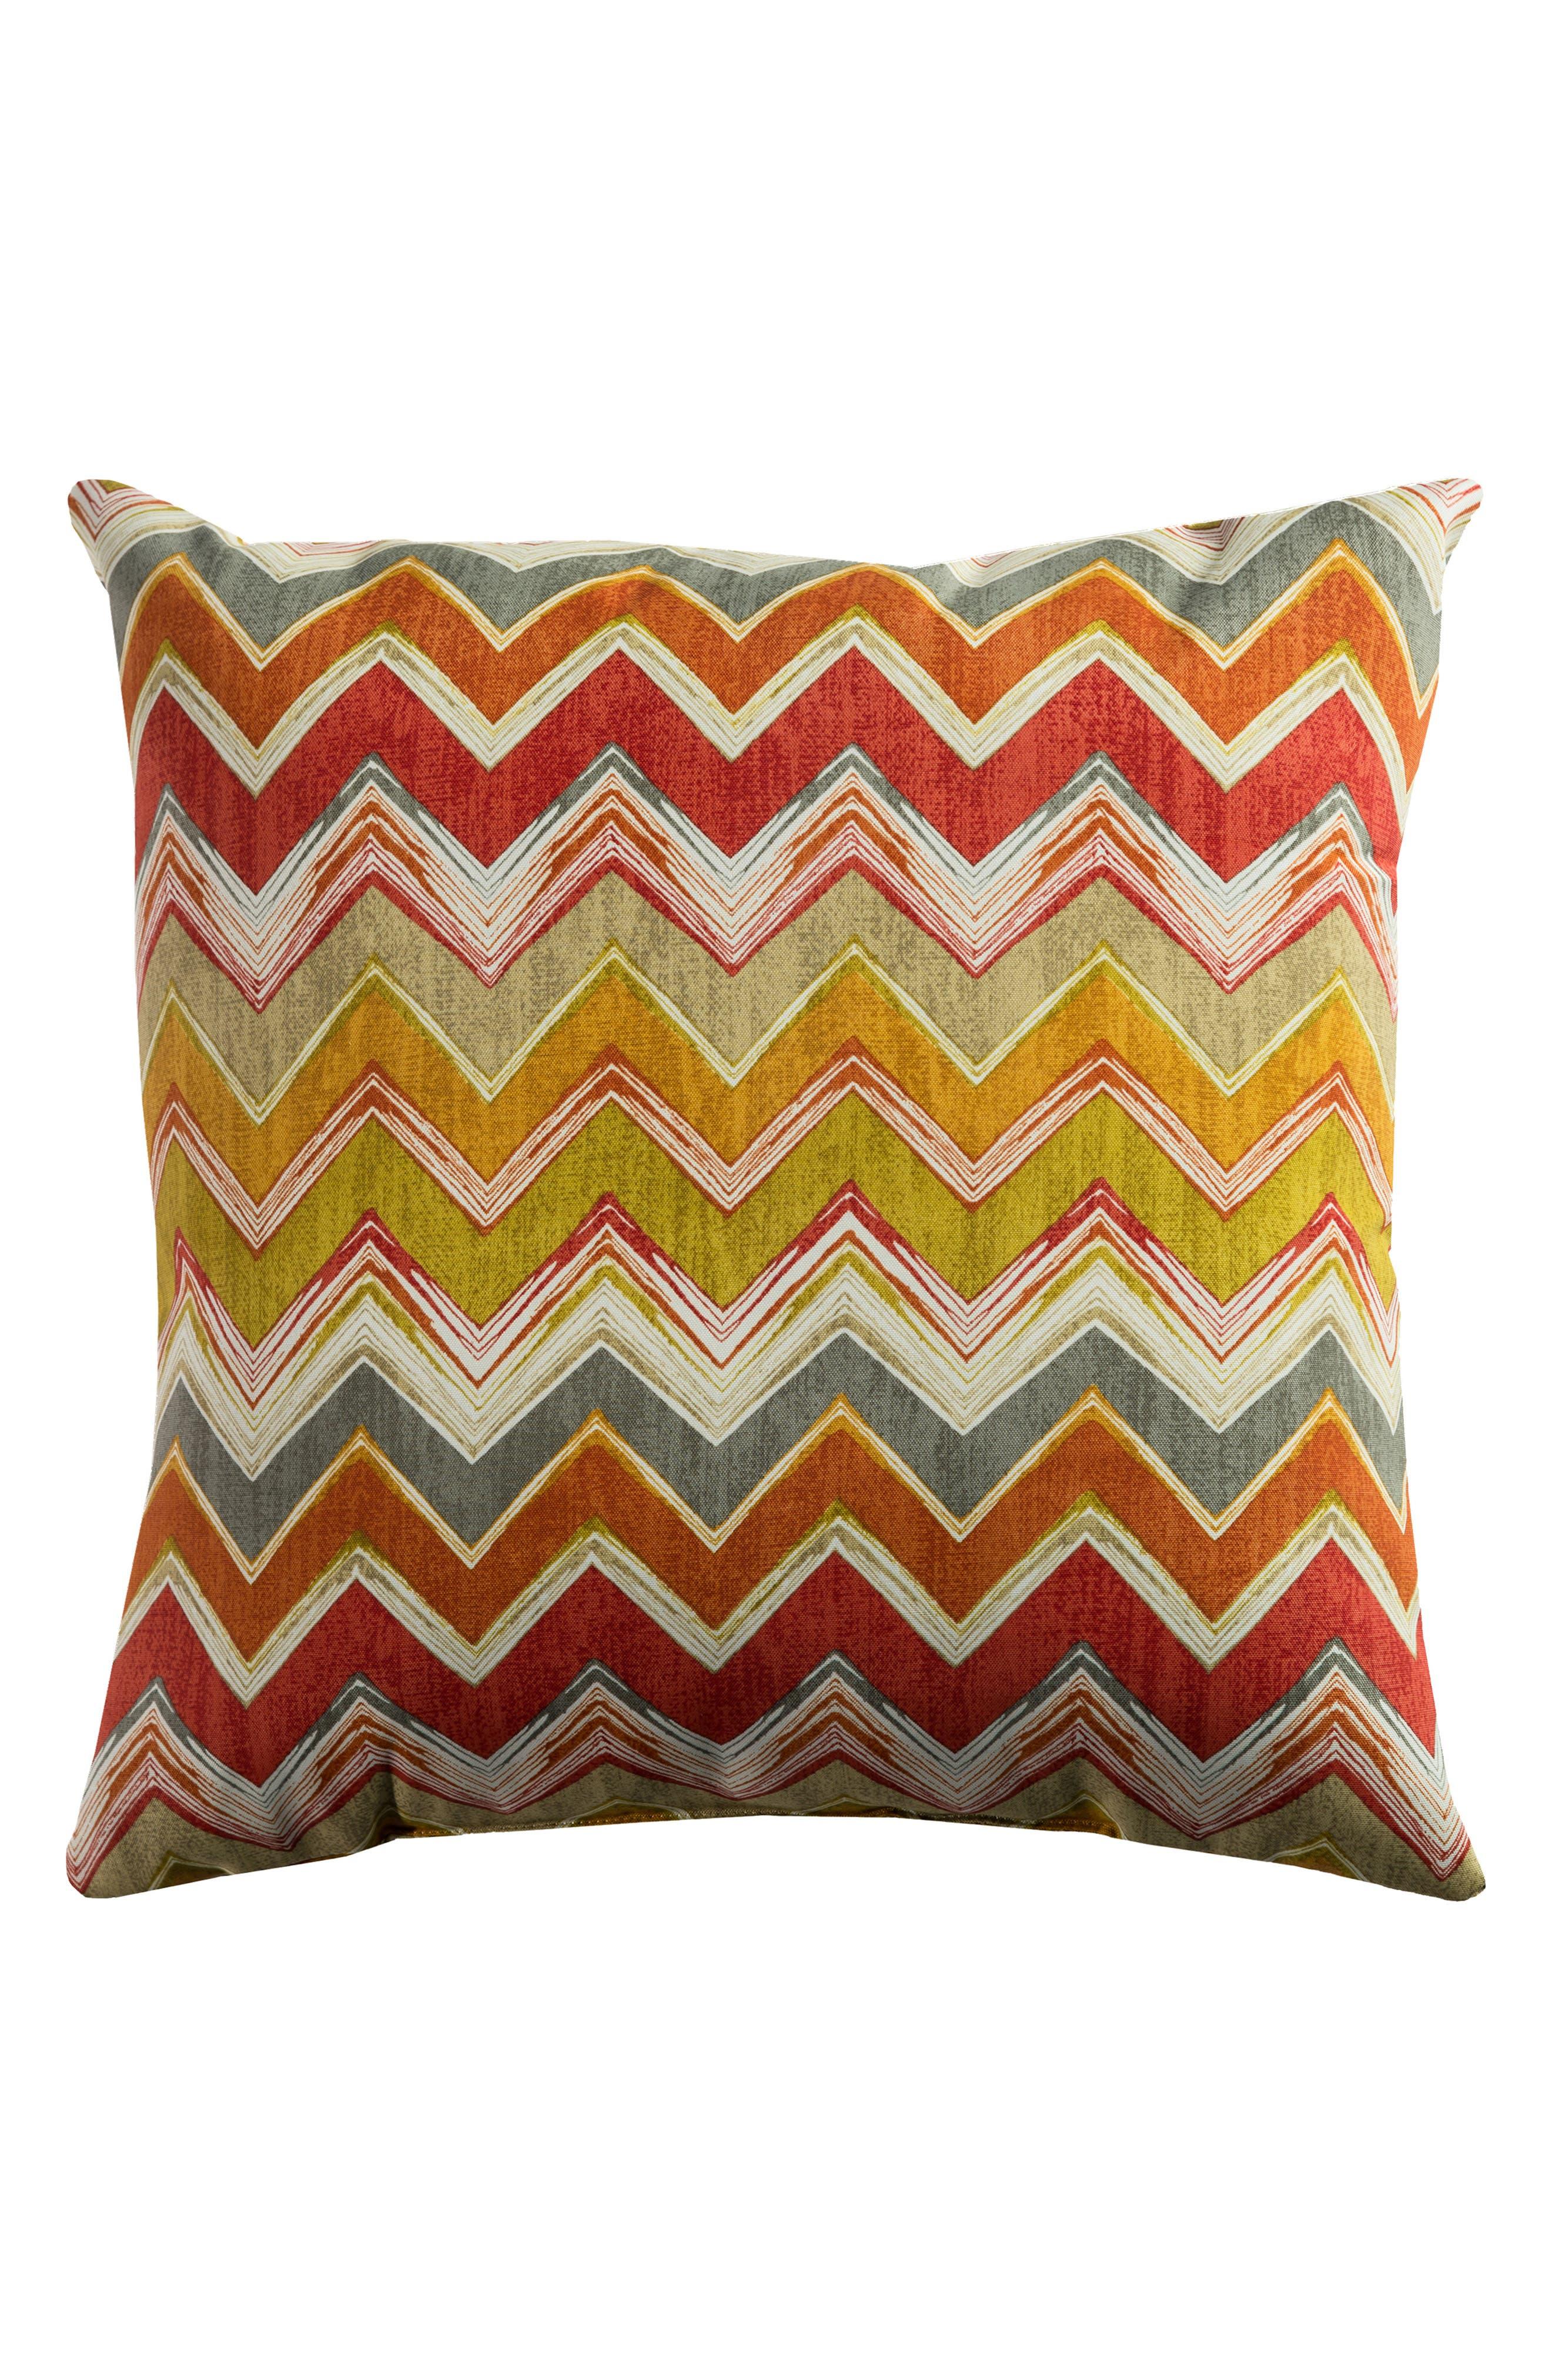 Chevron Outdoor Pillow,                         Main,                         color, Orange/ Green